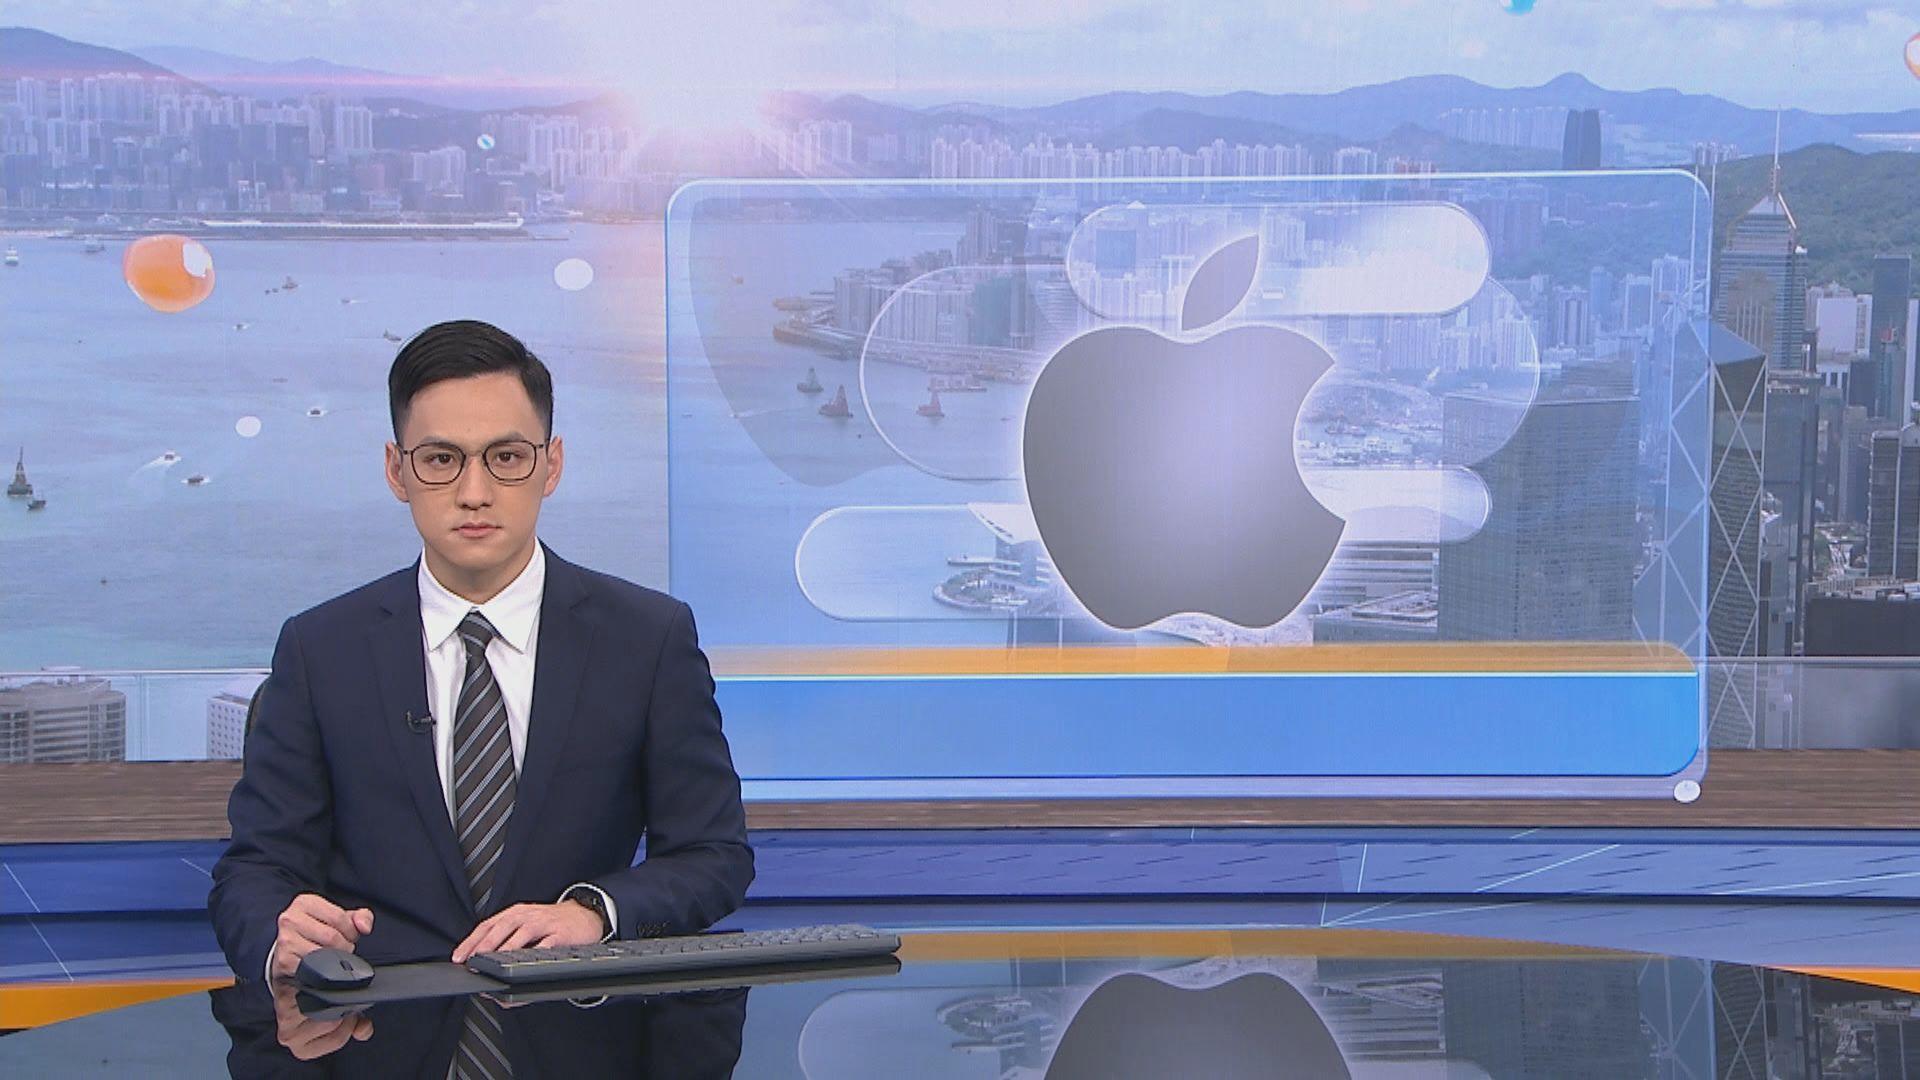 蘋果承認手機和平板電腦的電郵應用程式存漏洞